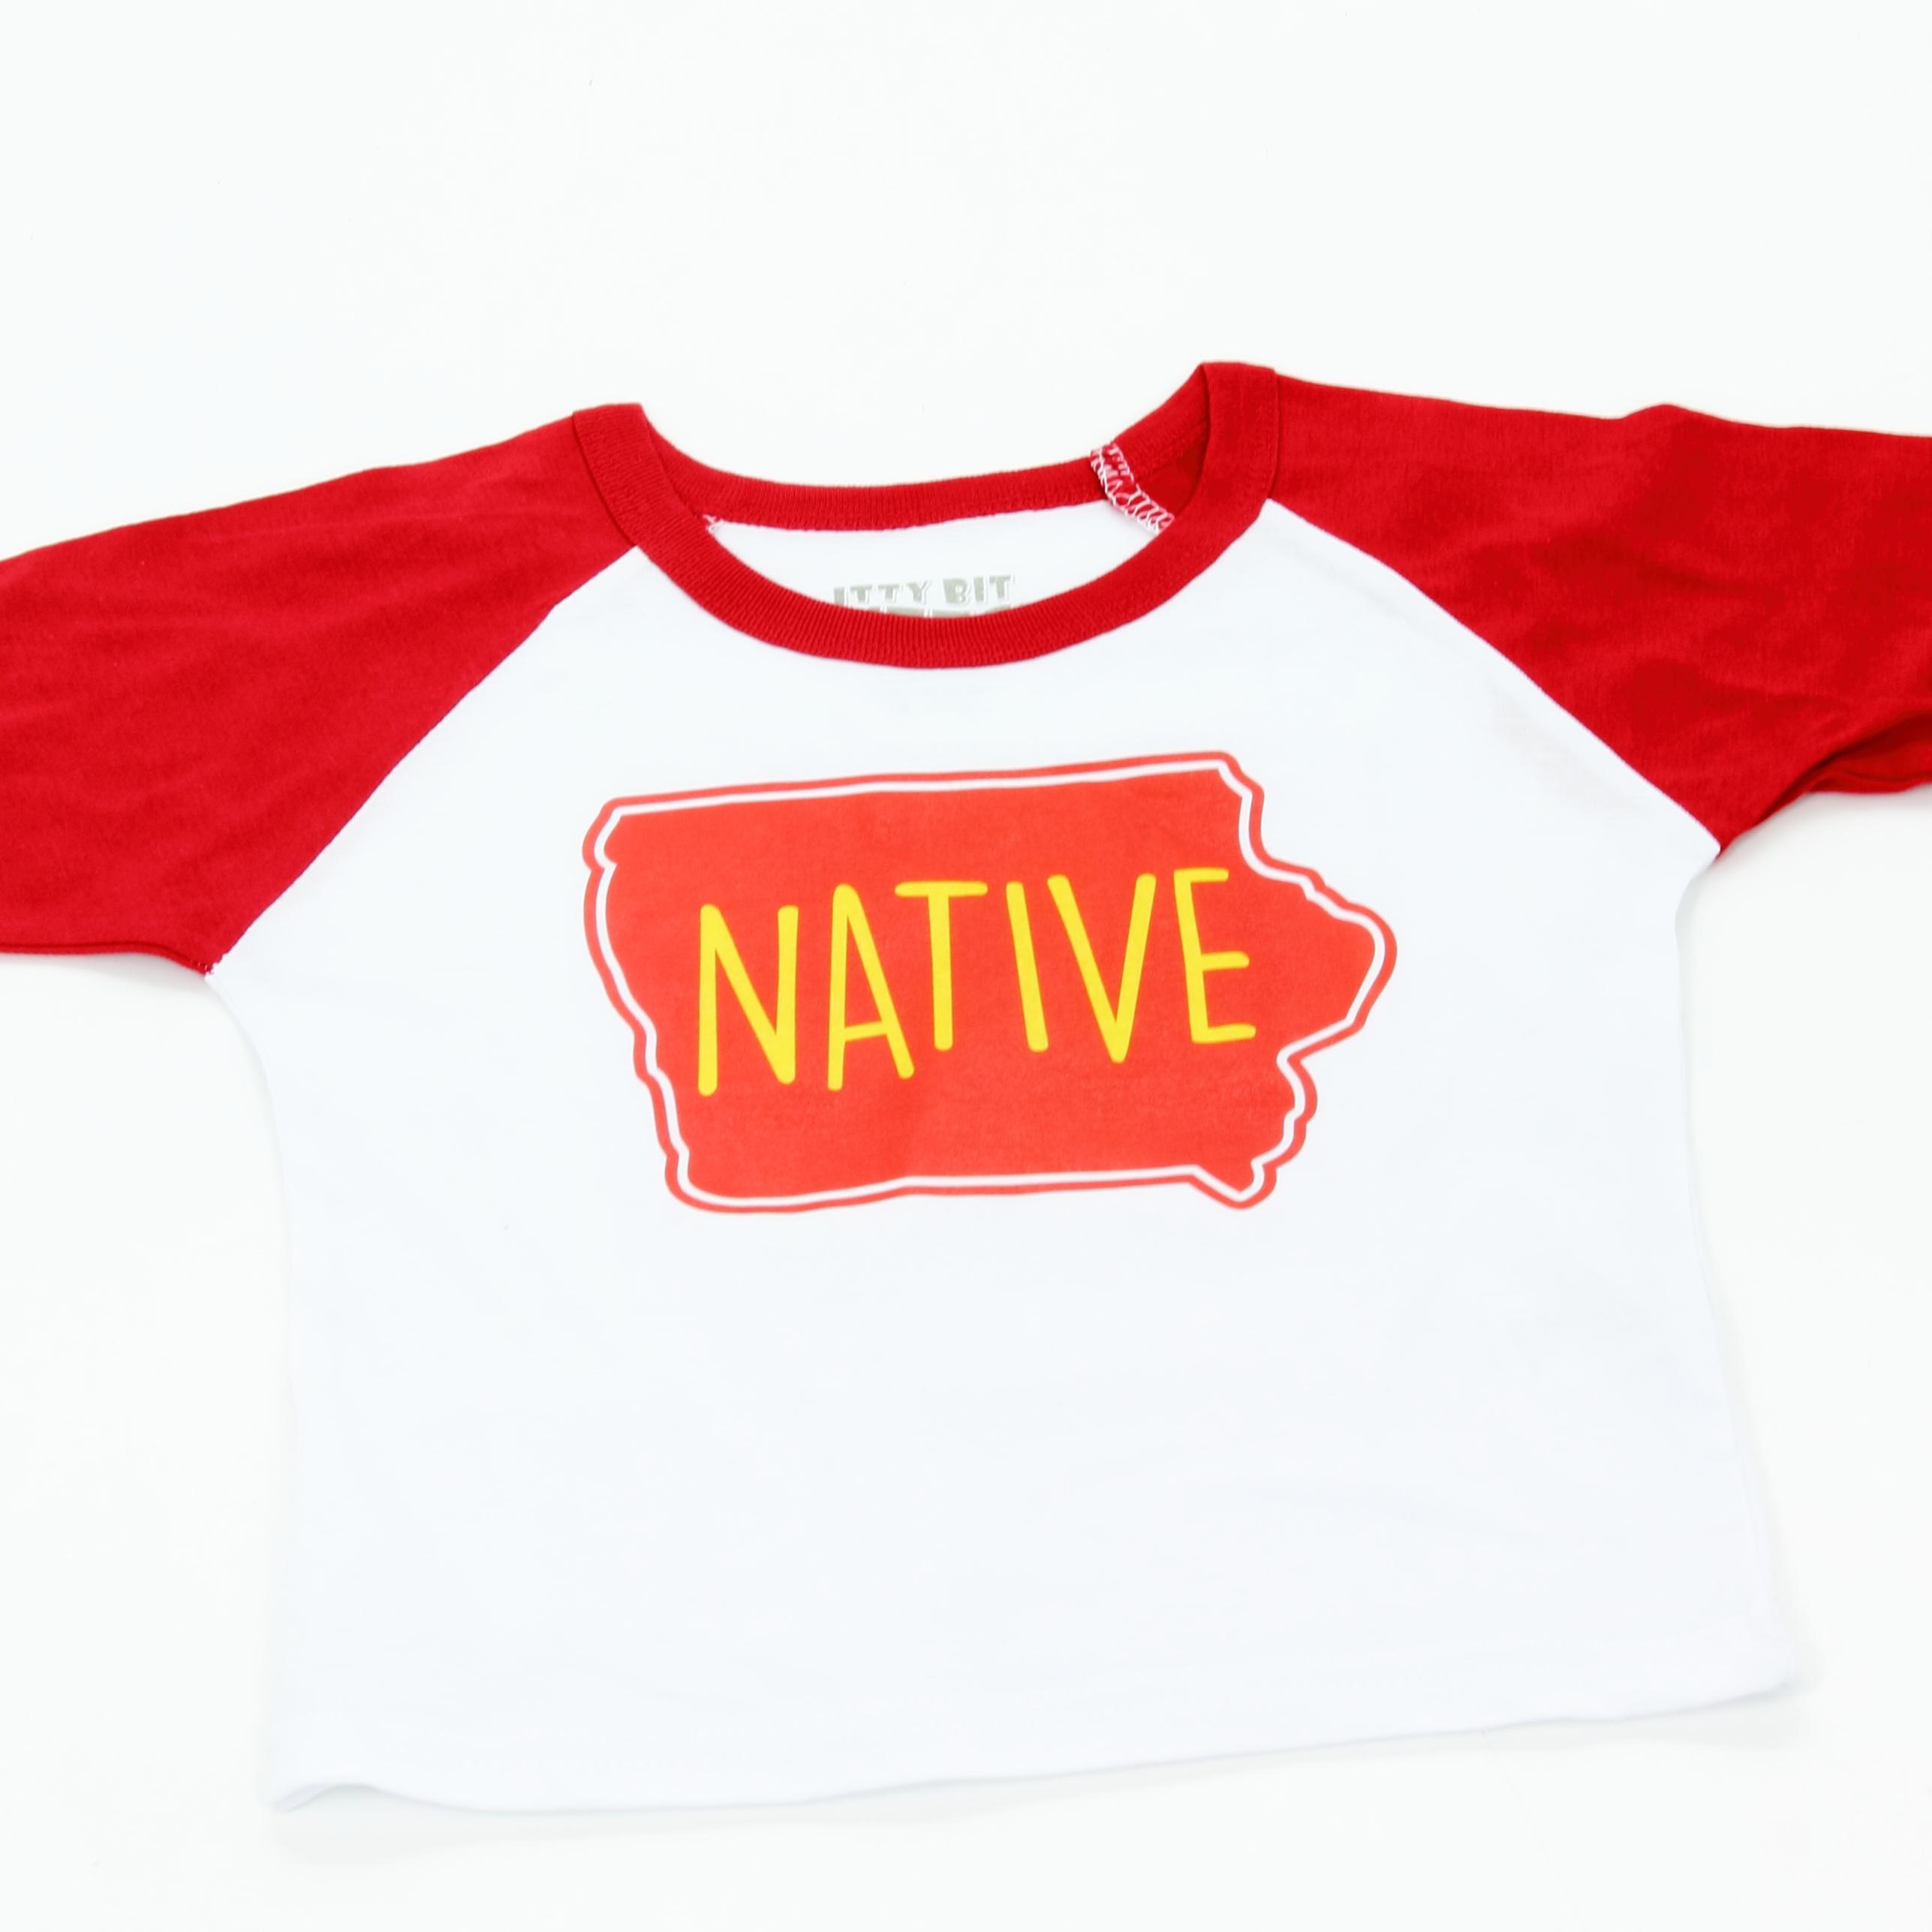 bc3be10e7 Raygun Pride Shirts | Kuenzi Turf & Nursery